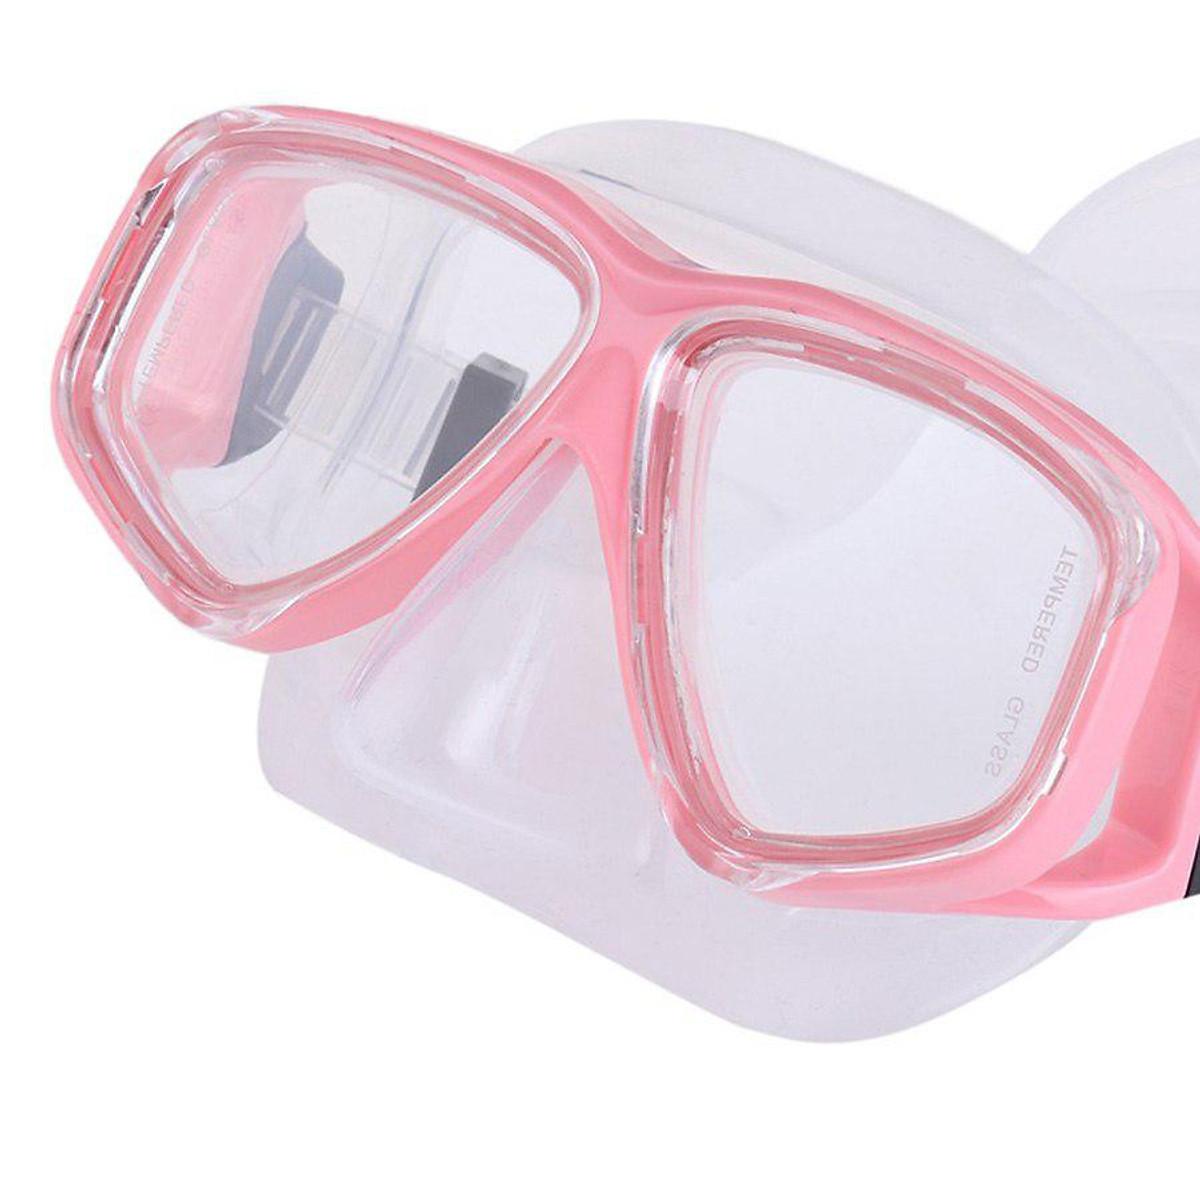 Kính Lặn, Mặt Nạ Lặn Biển Mắt Kính Cường Lực Cao Cấp POPO NormalMask-Pink - Hồng - 1